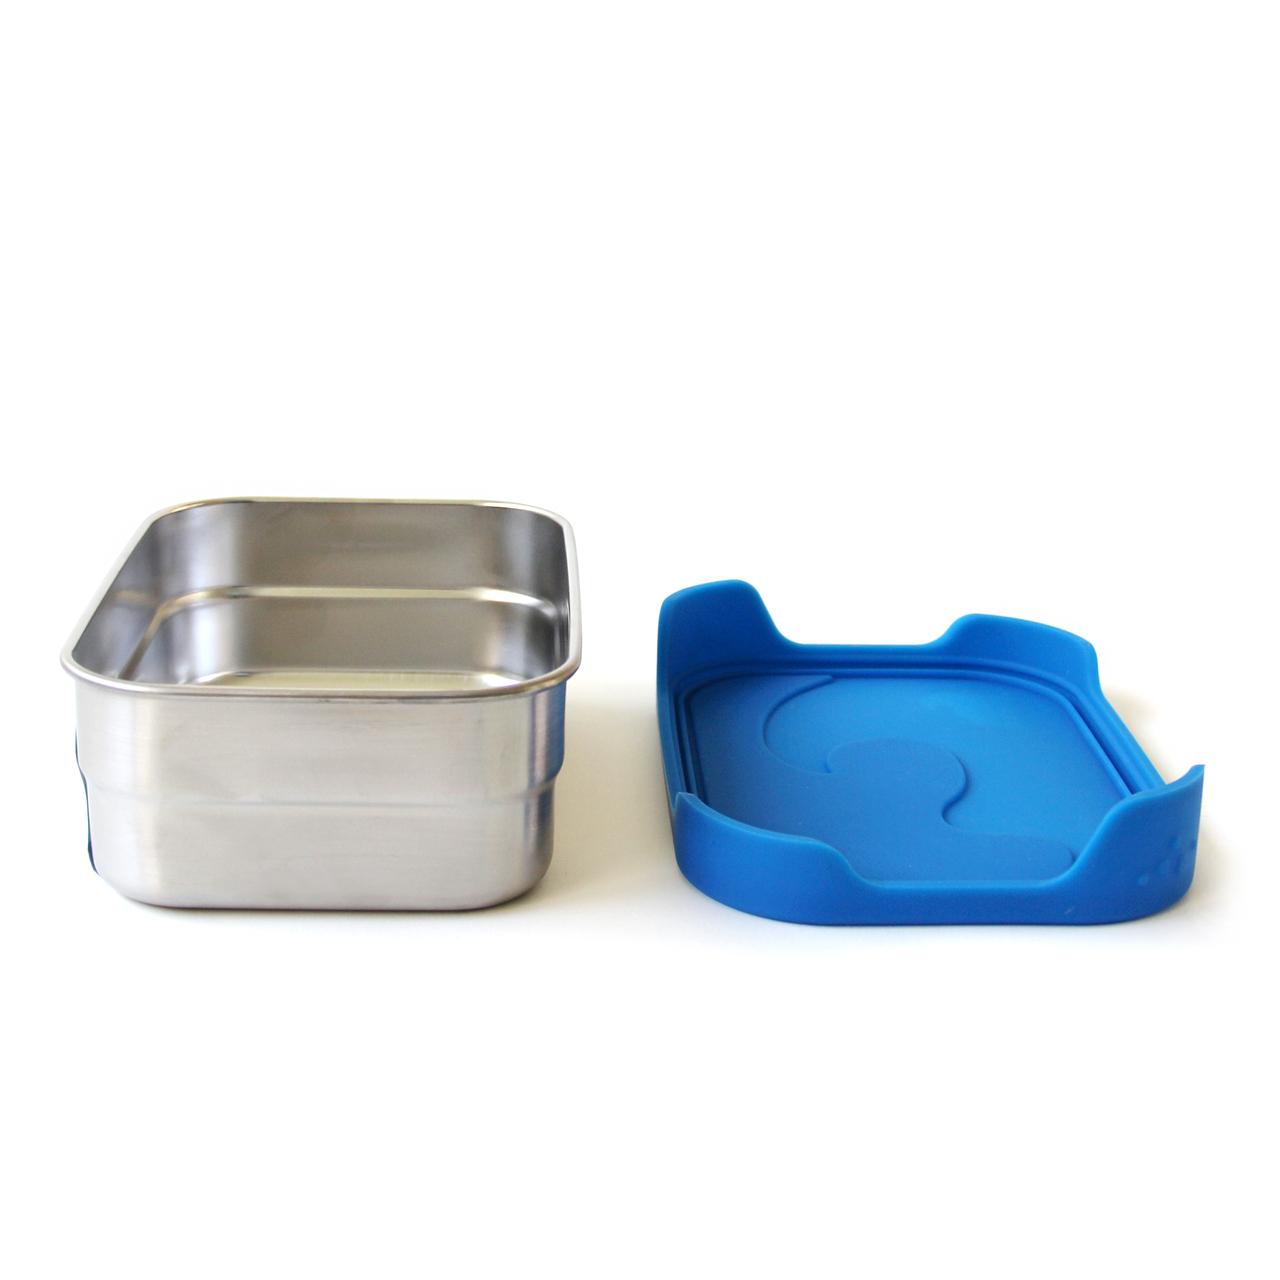 ECOlunchbox Splash Box lekdichte lunchtrommel broodtrommel meenemen roestvrij staal bpa-vrij duurzaam vaatwasser oven binnenkant